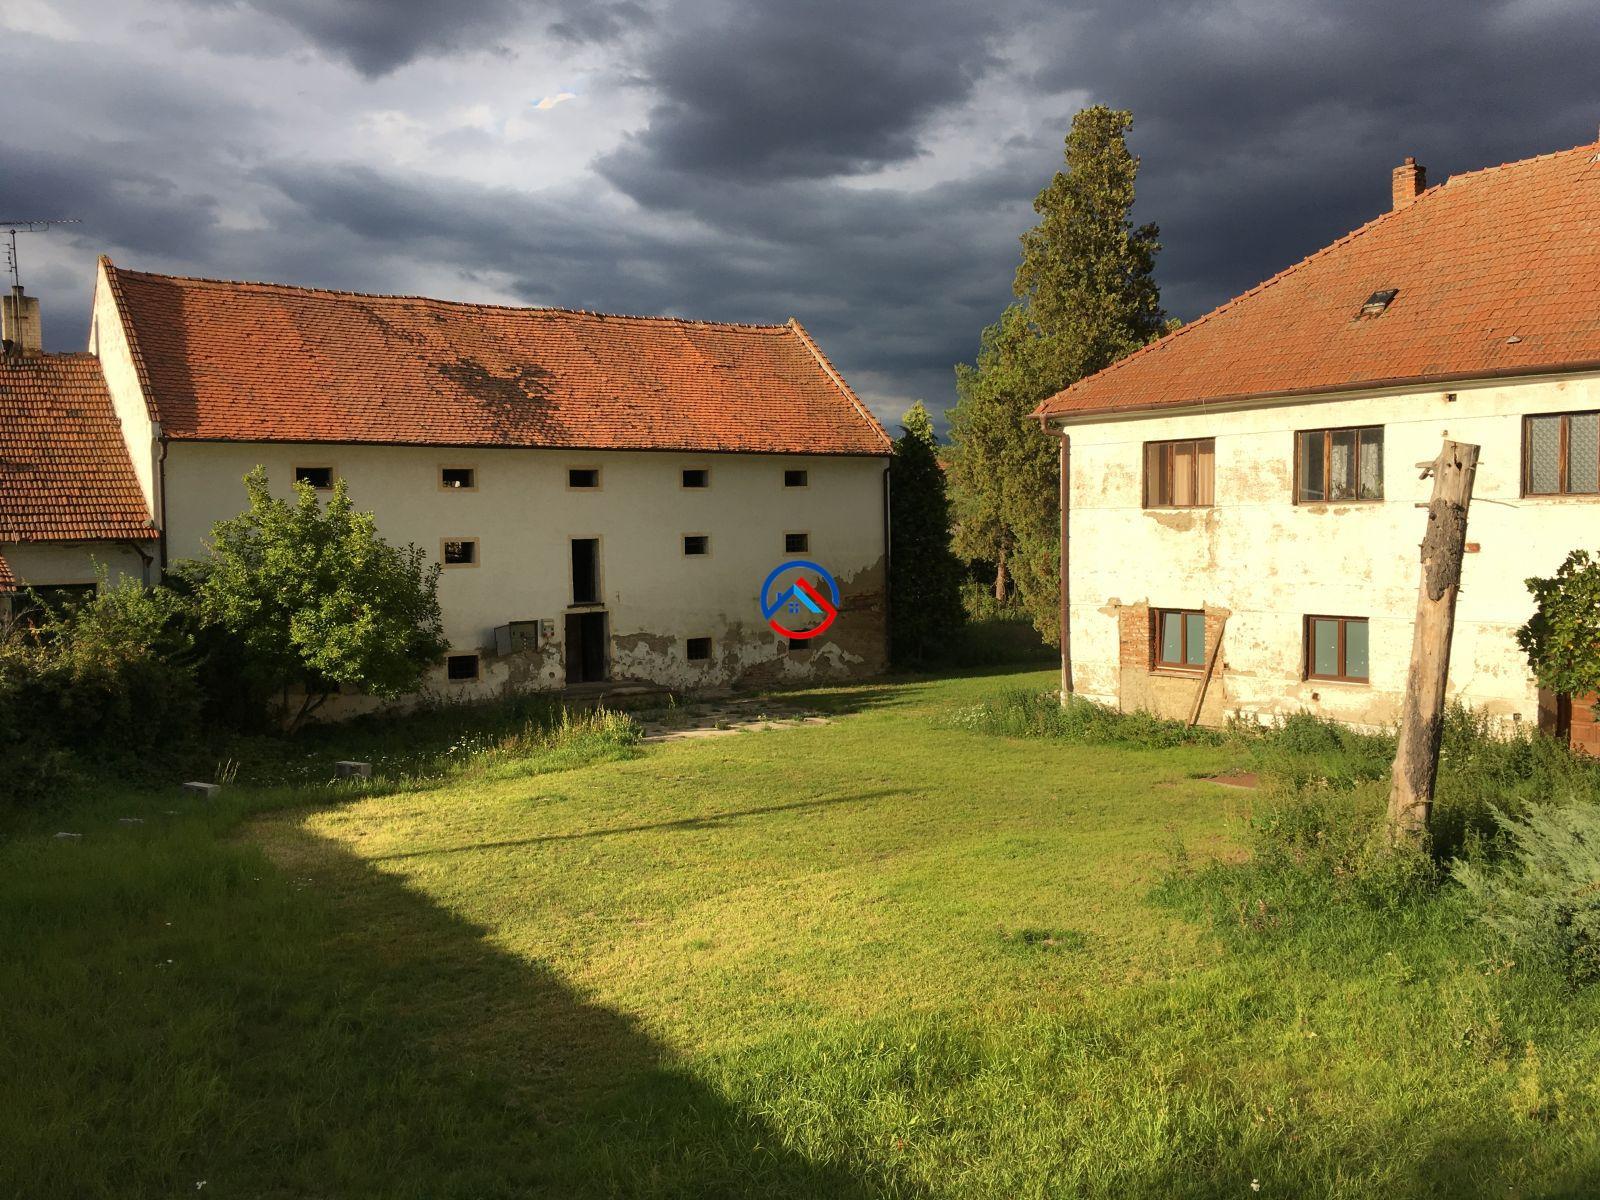 Prodej pozemku 6.014m2 v obci Želeč